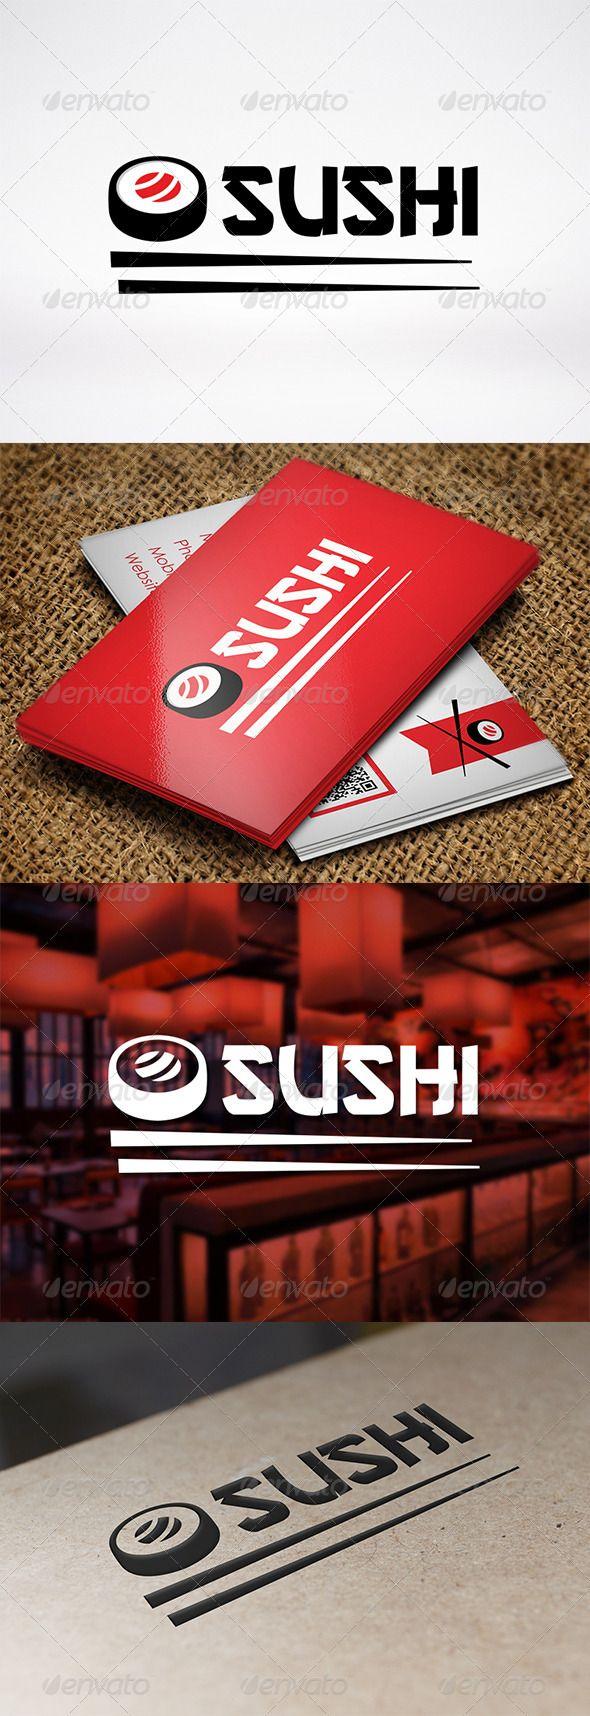 Logotipo para Restaurantes Japoneses y Sushi Bars.                                                                                                                                                                                 More